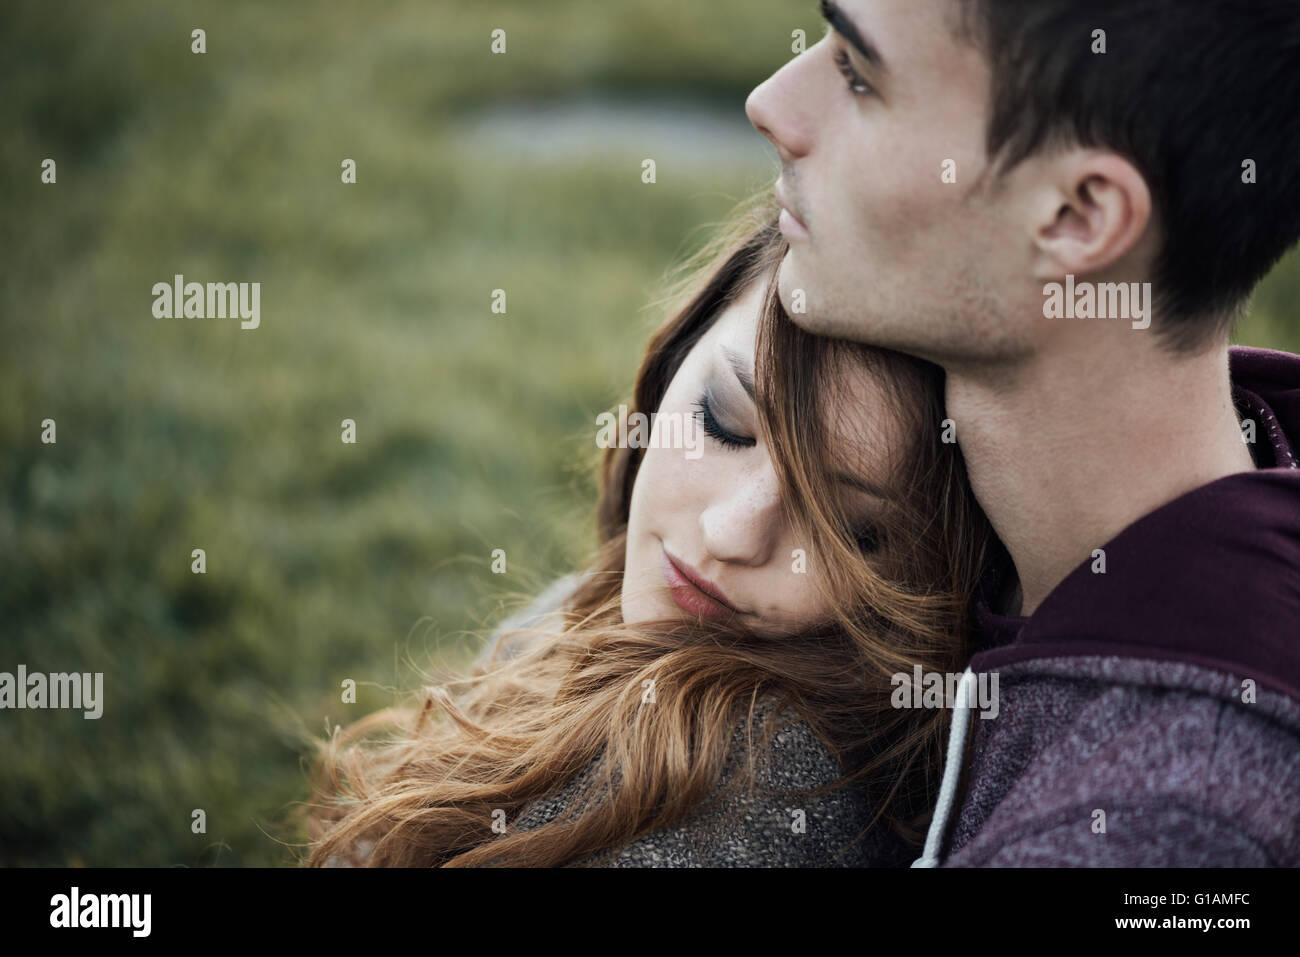 Junge liebende Paar entspannen auf dem Rasen und umarmt, sie lächelt und stützte sich auf seine Schulter, Stockbild